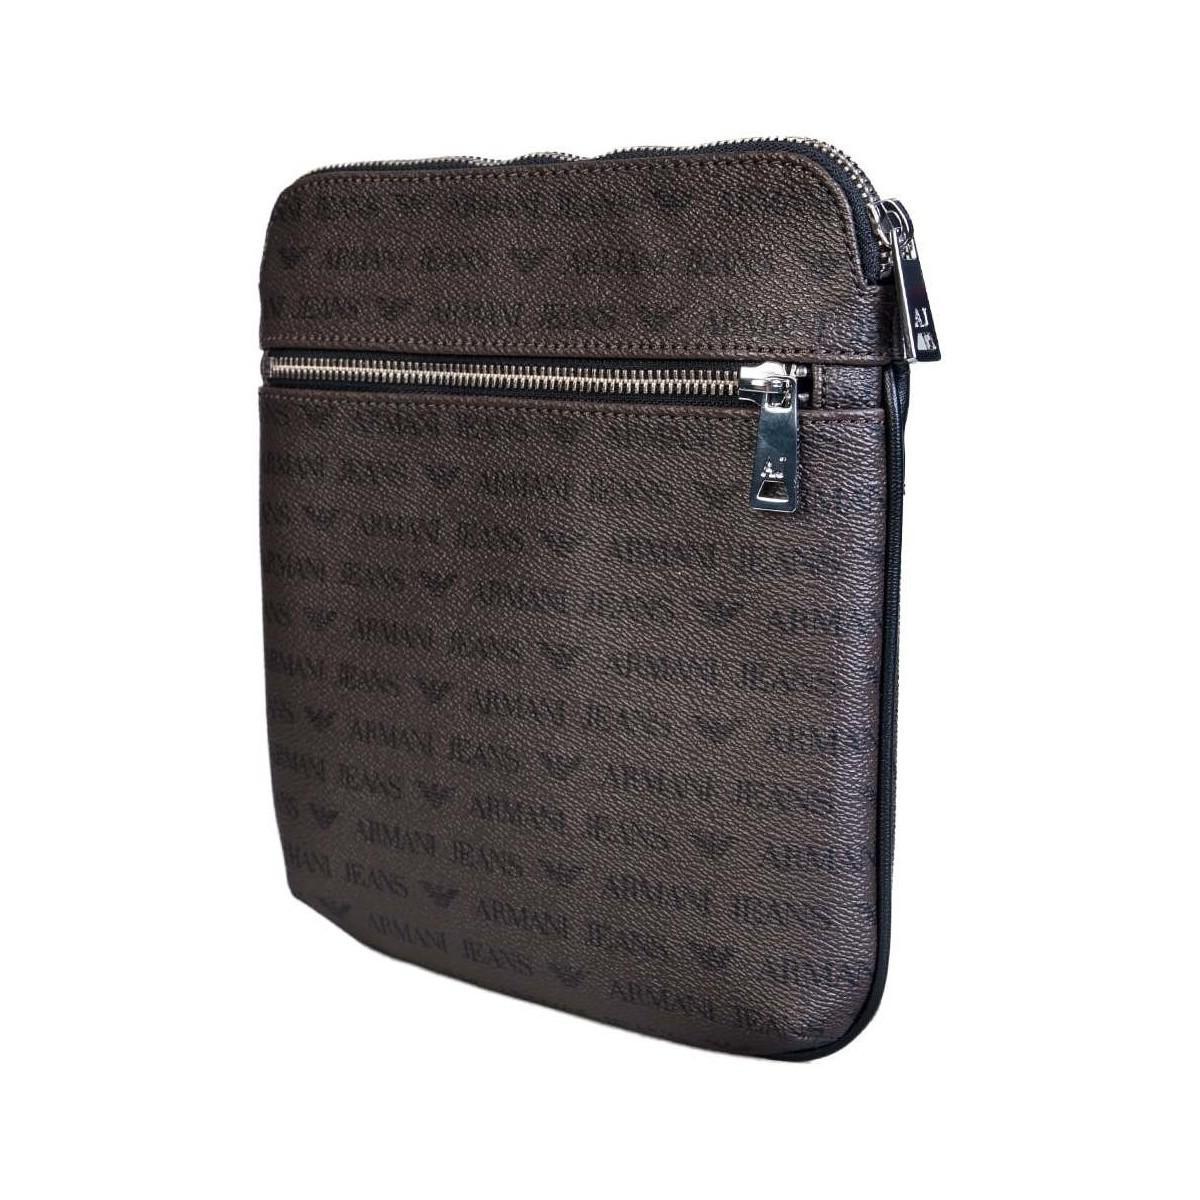 Armani Jeans Bag Messenger 932534 Ccc996 Men S Messenger Bag In